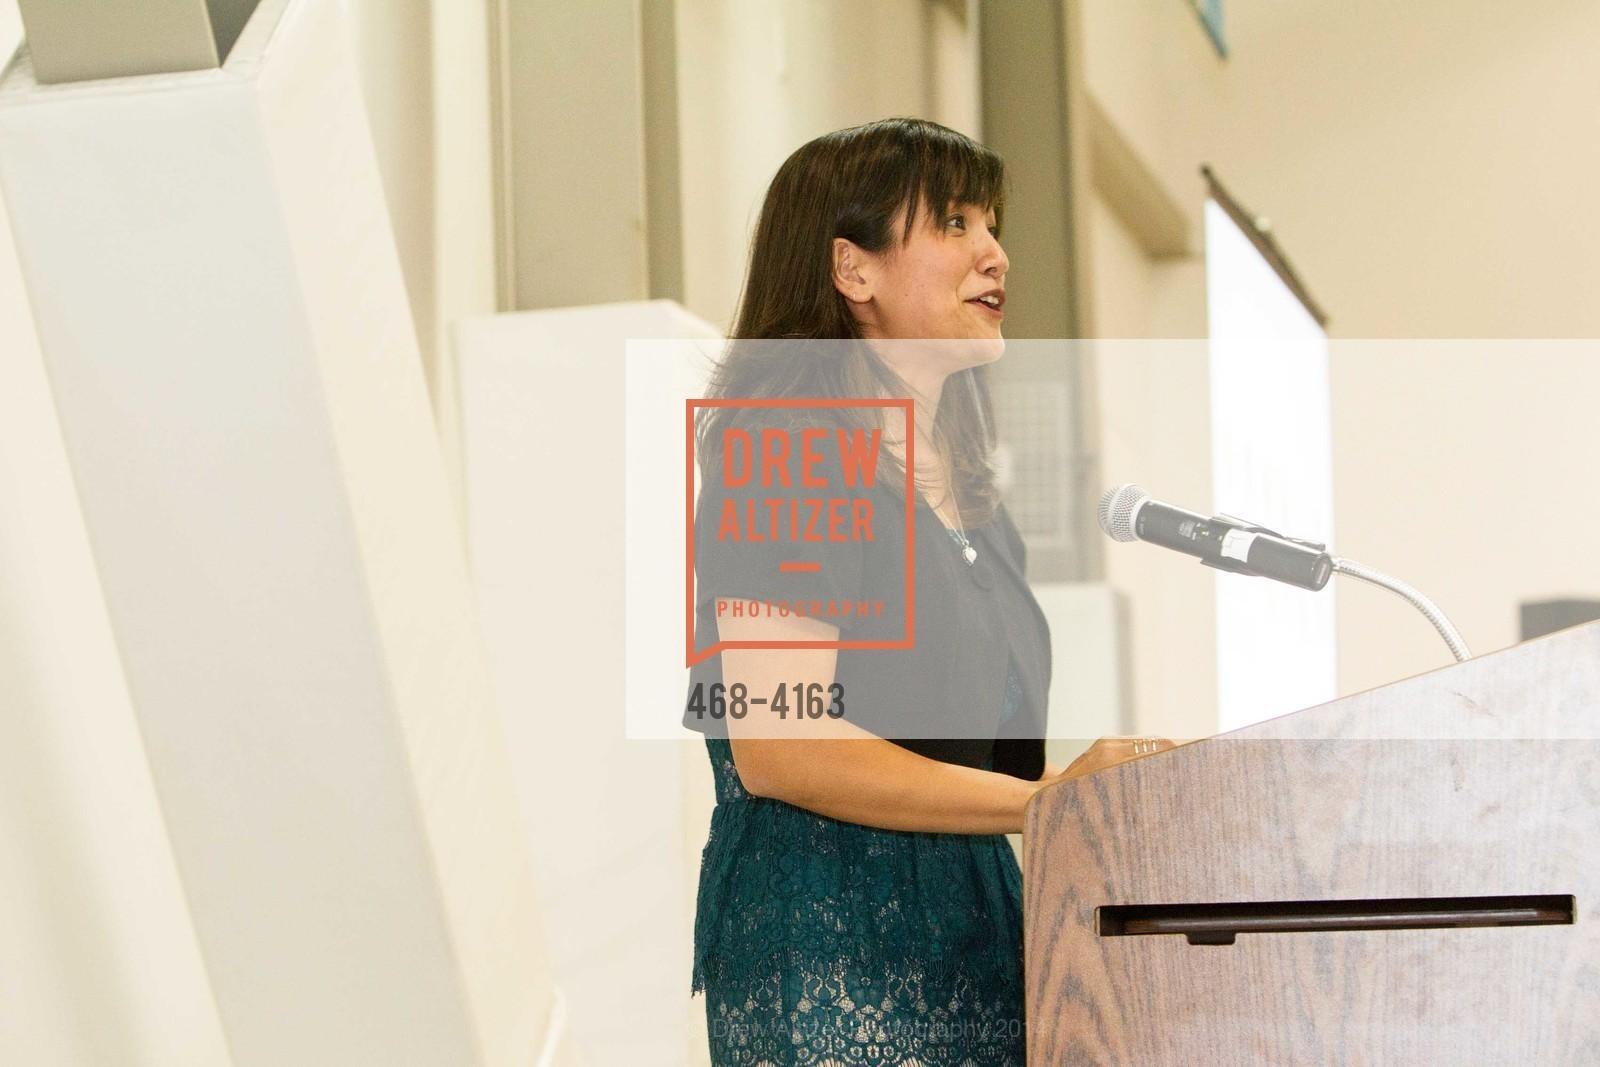 Nonokok Sato, Photo #468-4163